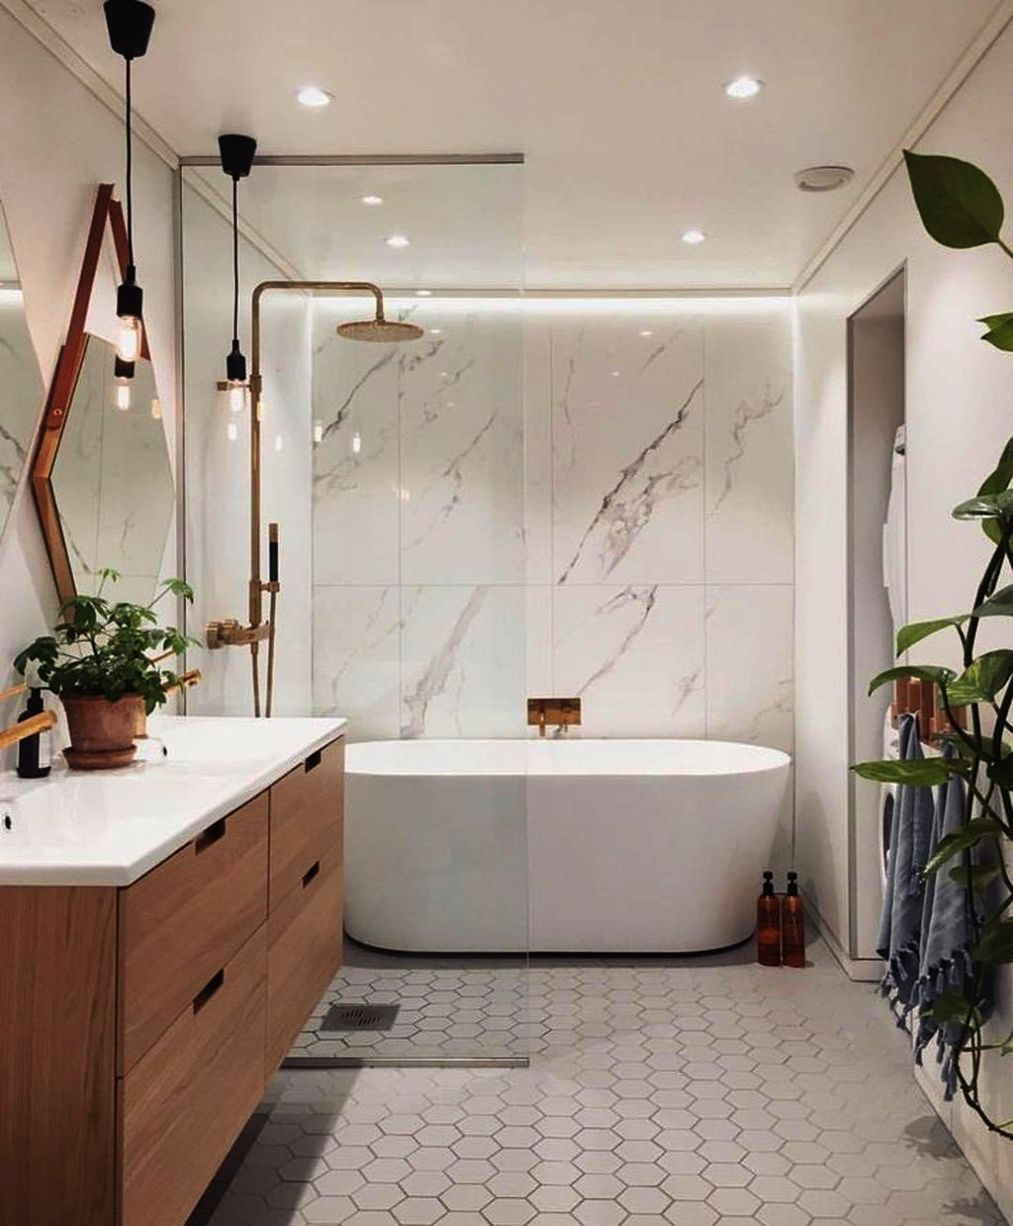 Minimalist Bathroom Ideas Pinterest Via Bathroom Ideas Double Vanity Both Bathroom Ideas Master Bat Modern Master Bathroom New Bathroom Designs Modern Bathroom